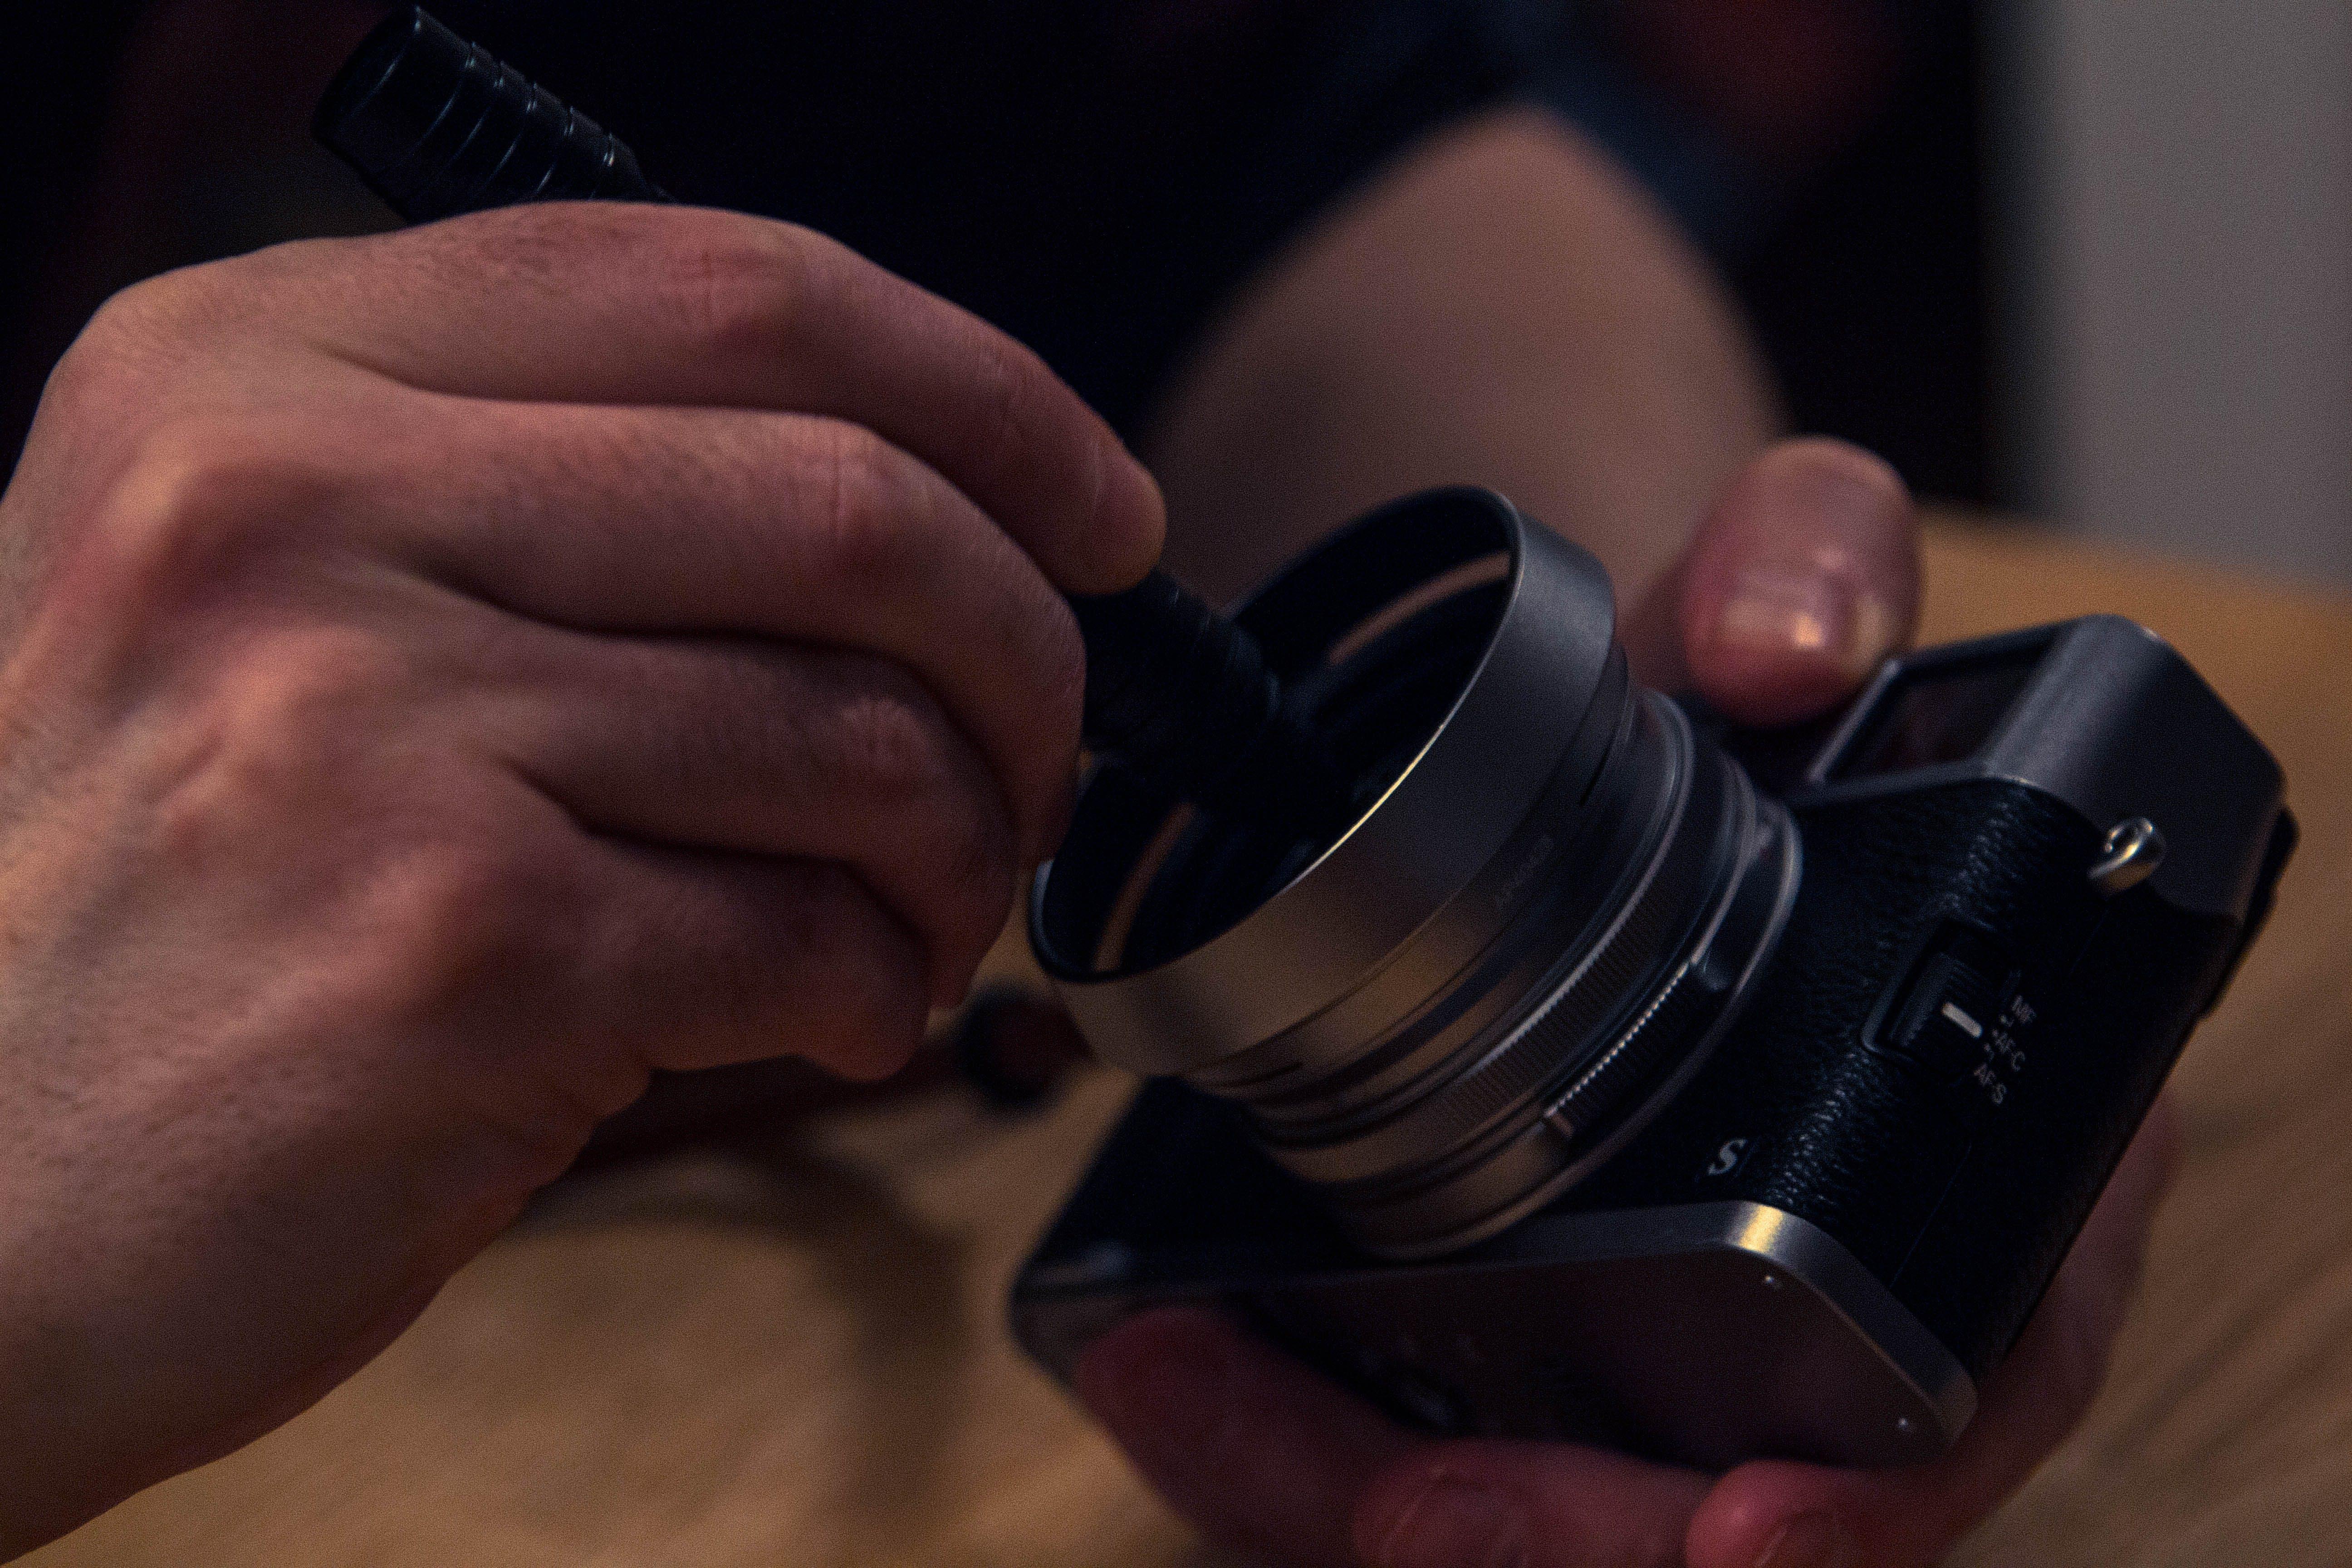 fényképezőgép, kéz, lencse